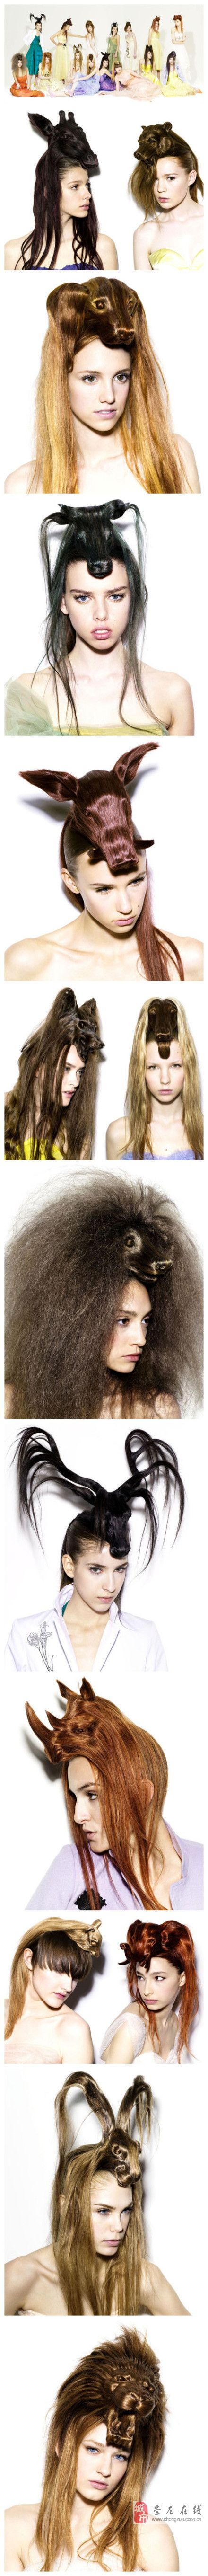 [贴图]史上最奇葩的发型!